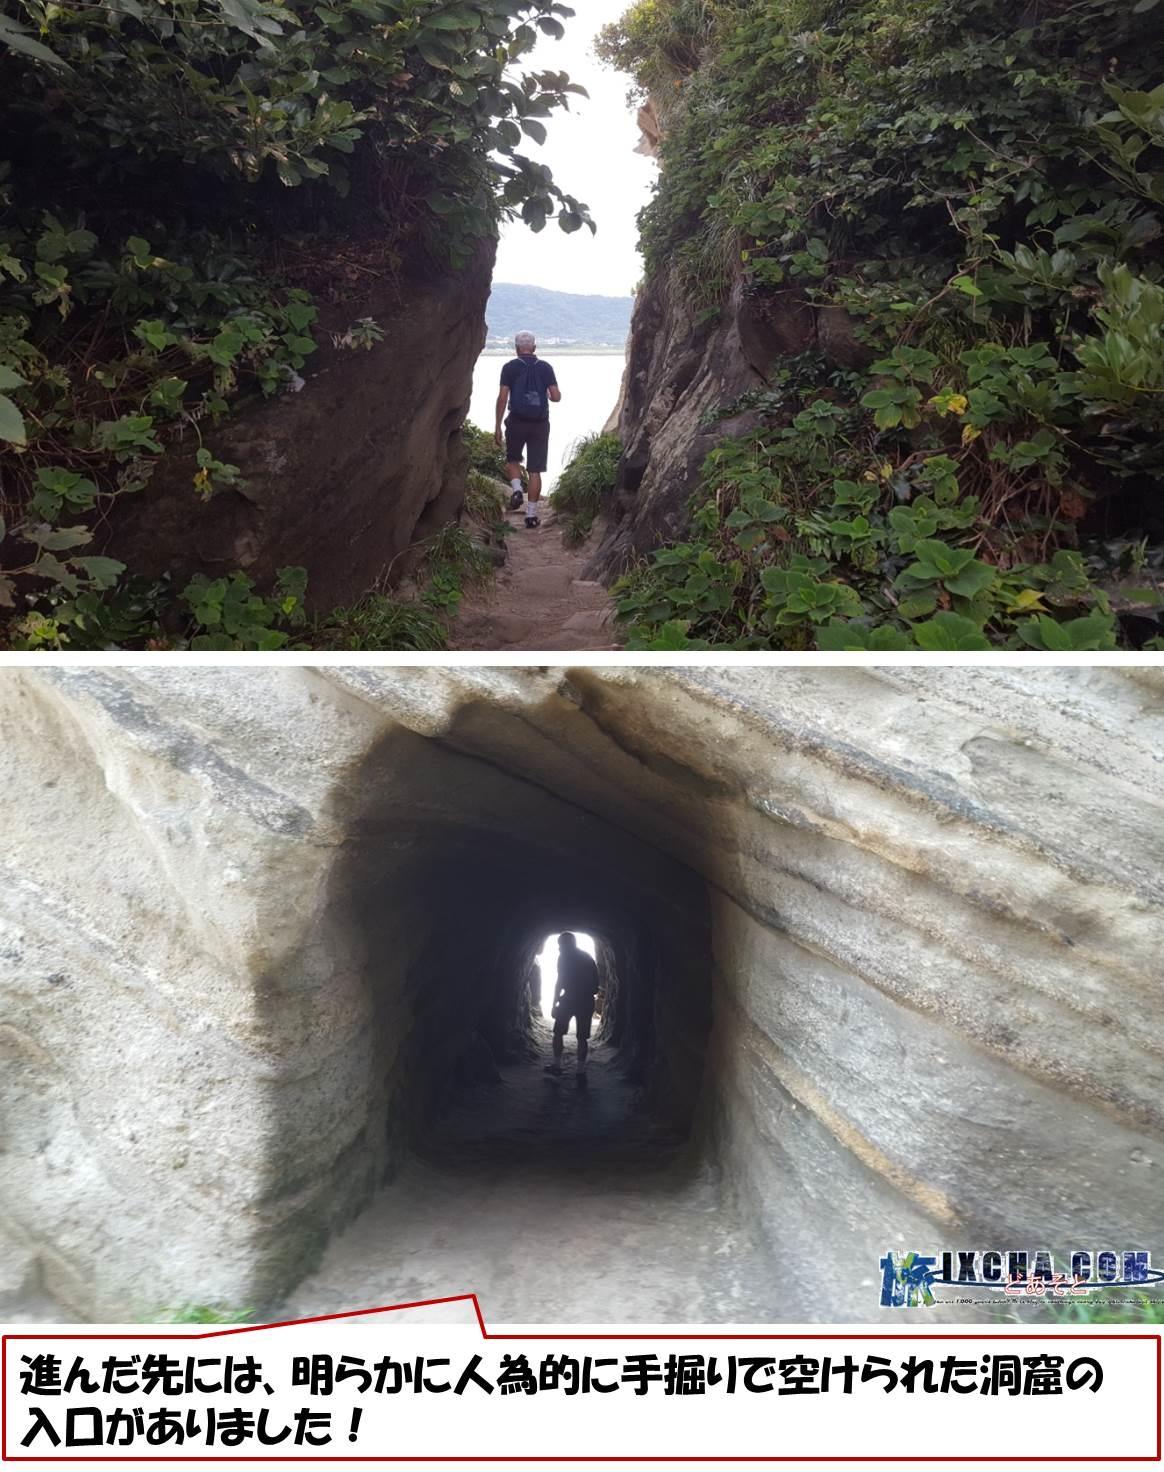 進んだ先には、明らかに人為的に手掘りで空けられた洞窟の入口がありました!